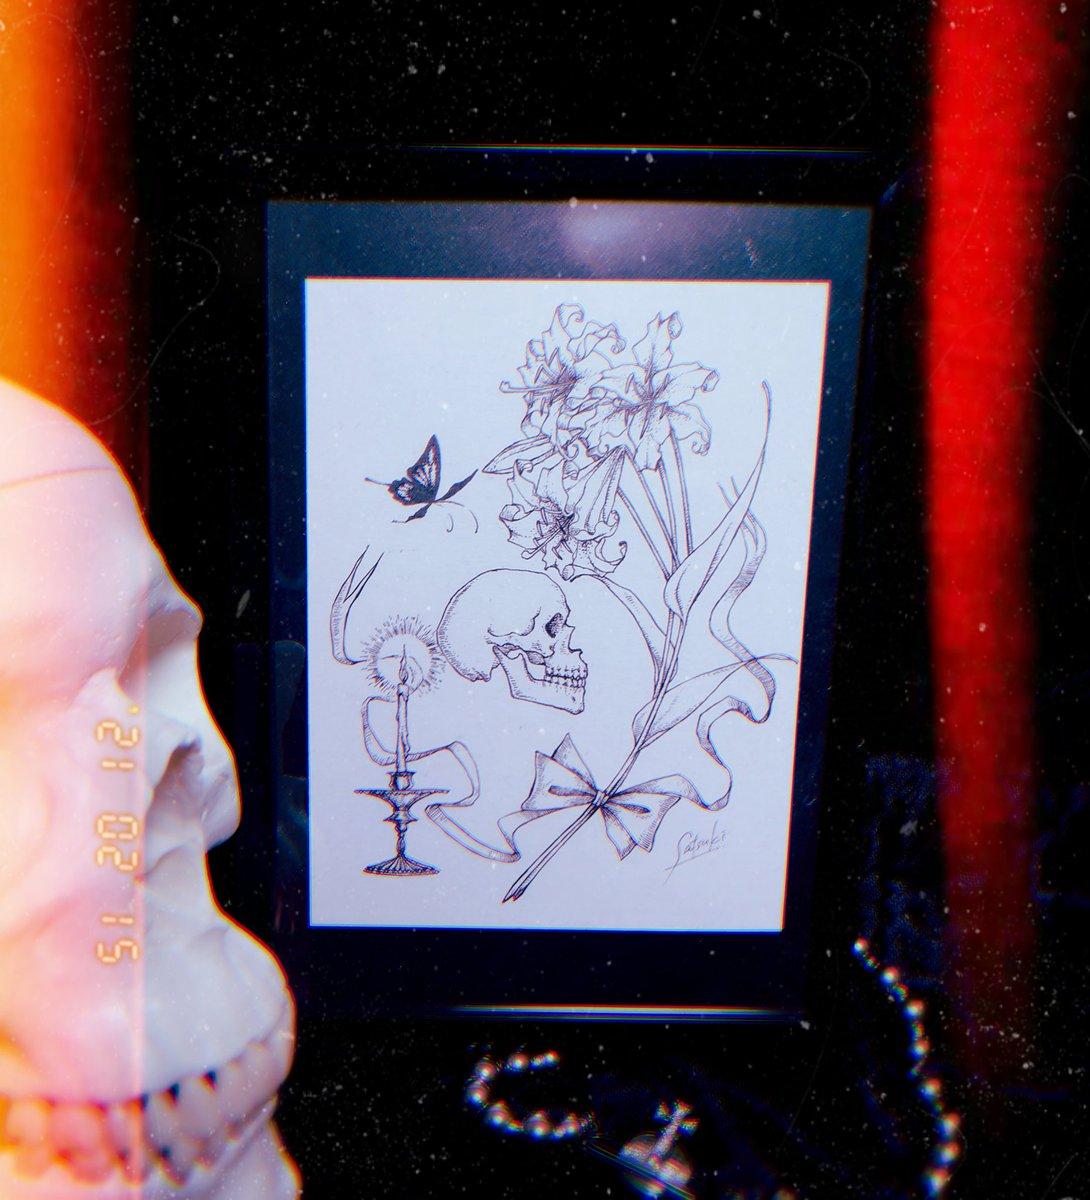 ギャラリーソノツモリ様にて販売中の原画「祈り」1500円です #イラスト #drawing #絵描きさんと繋がりたい #原画販売